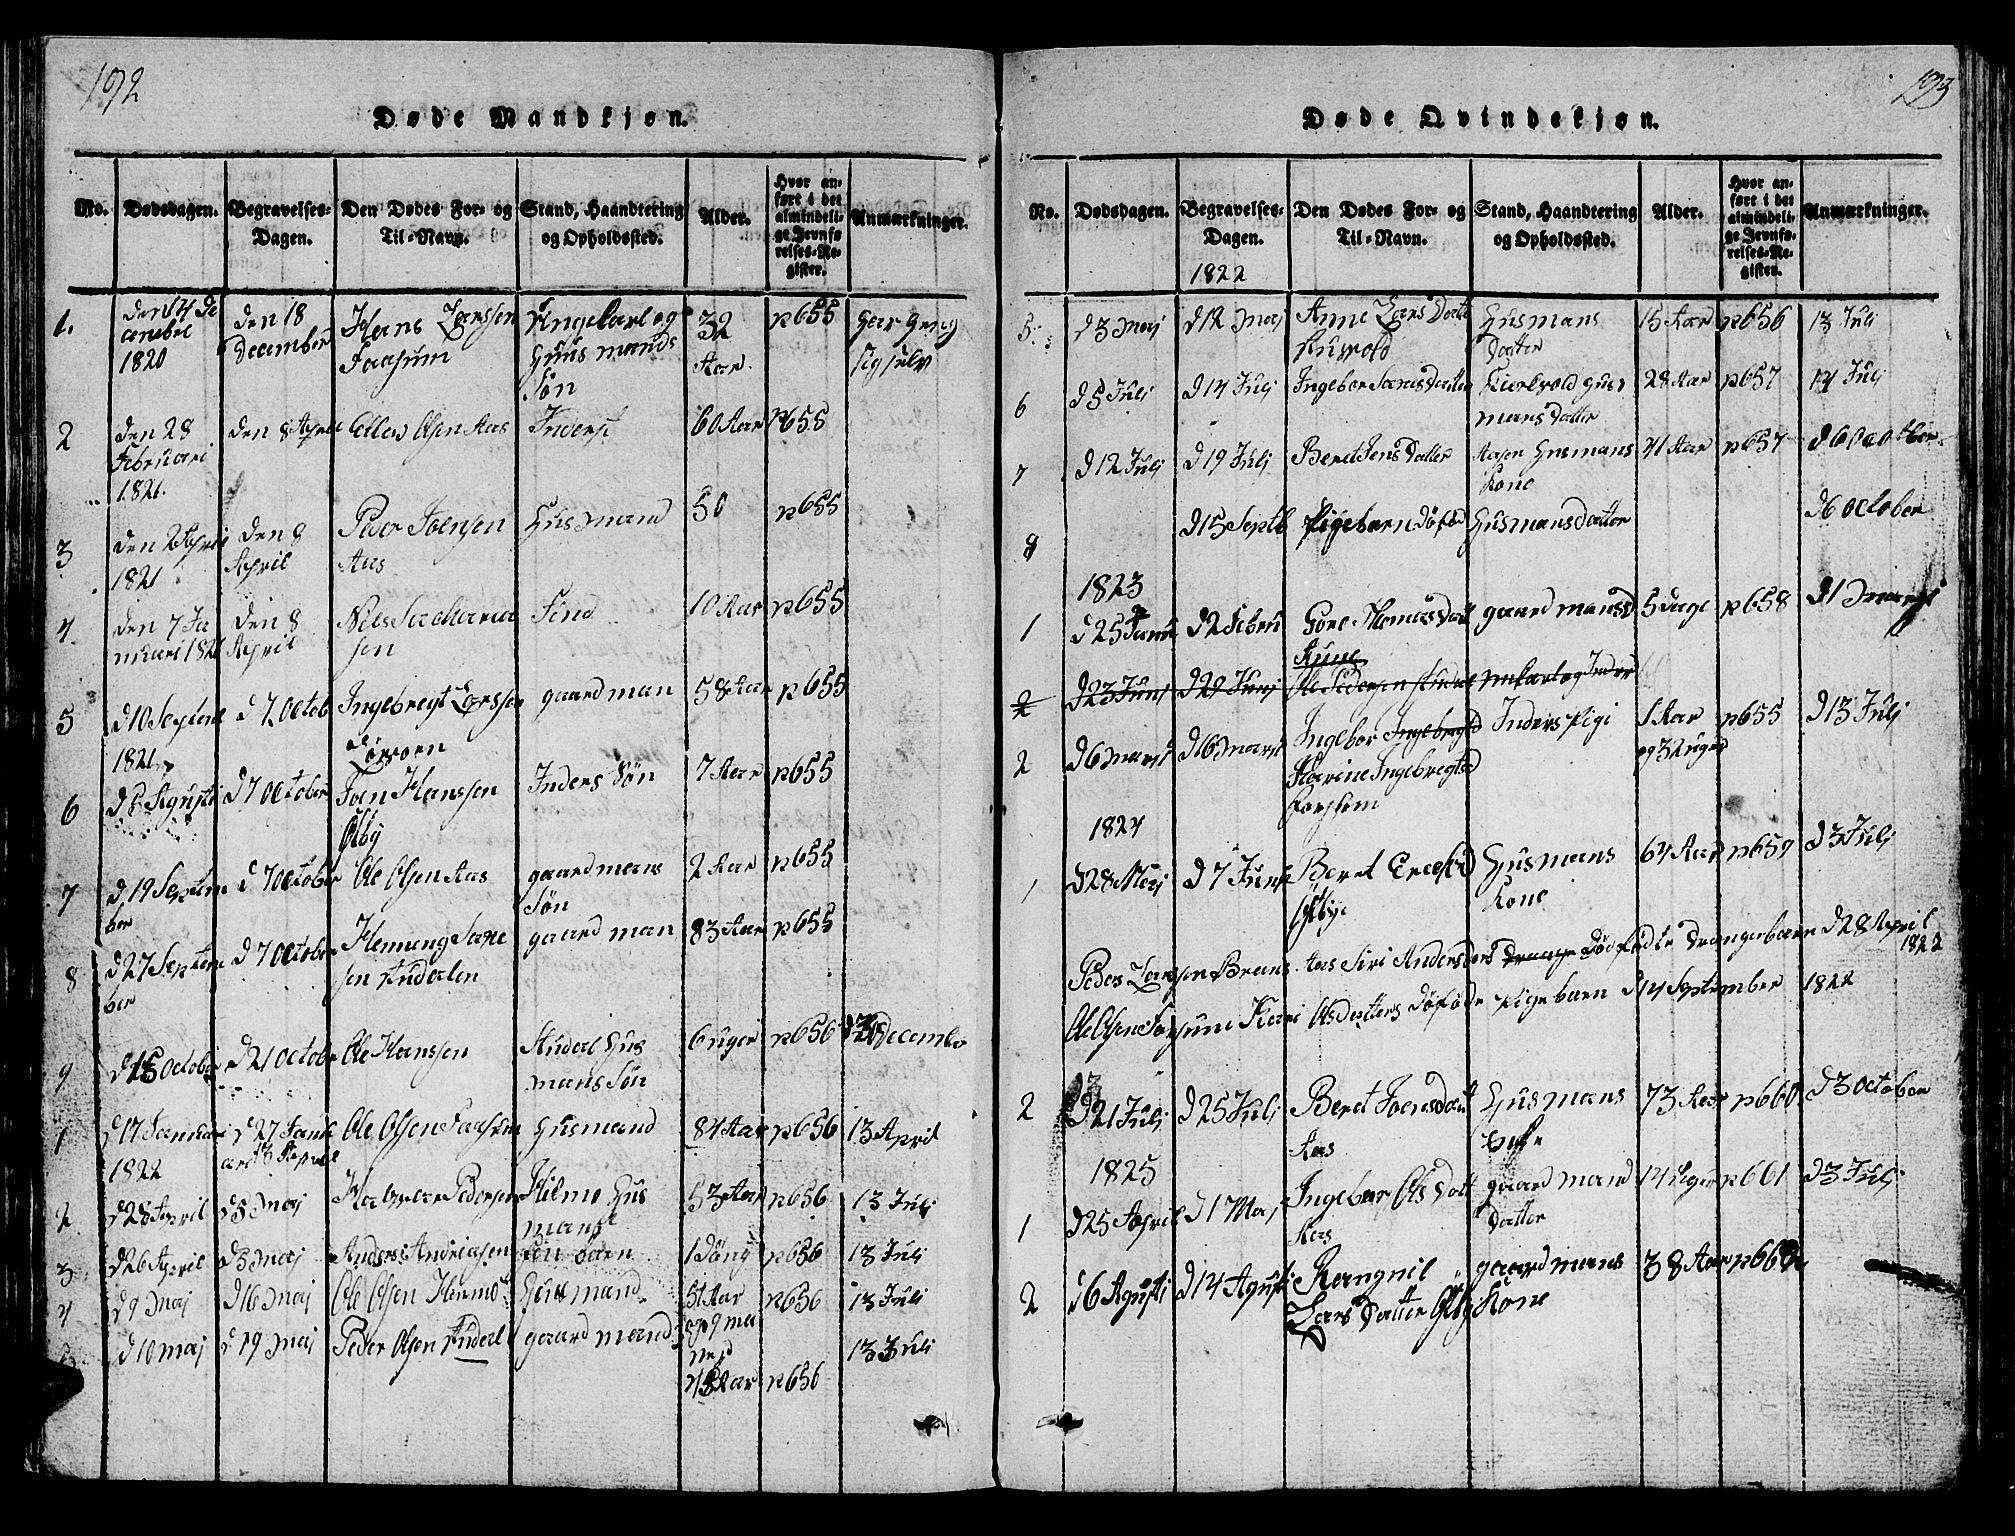 SAT, Ministerialprotokoller, klokkerbøker og fødselsregistre - Sør-Trøndelag, 698/L1164: Klokkerbok nr. 698C01, 1816-1861, s. 192-193